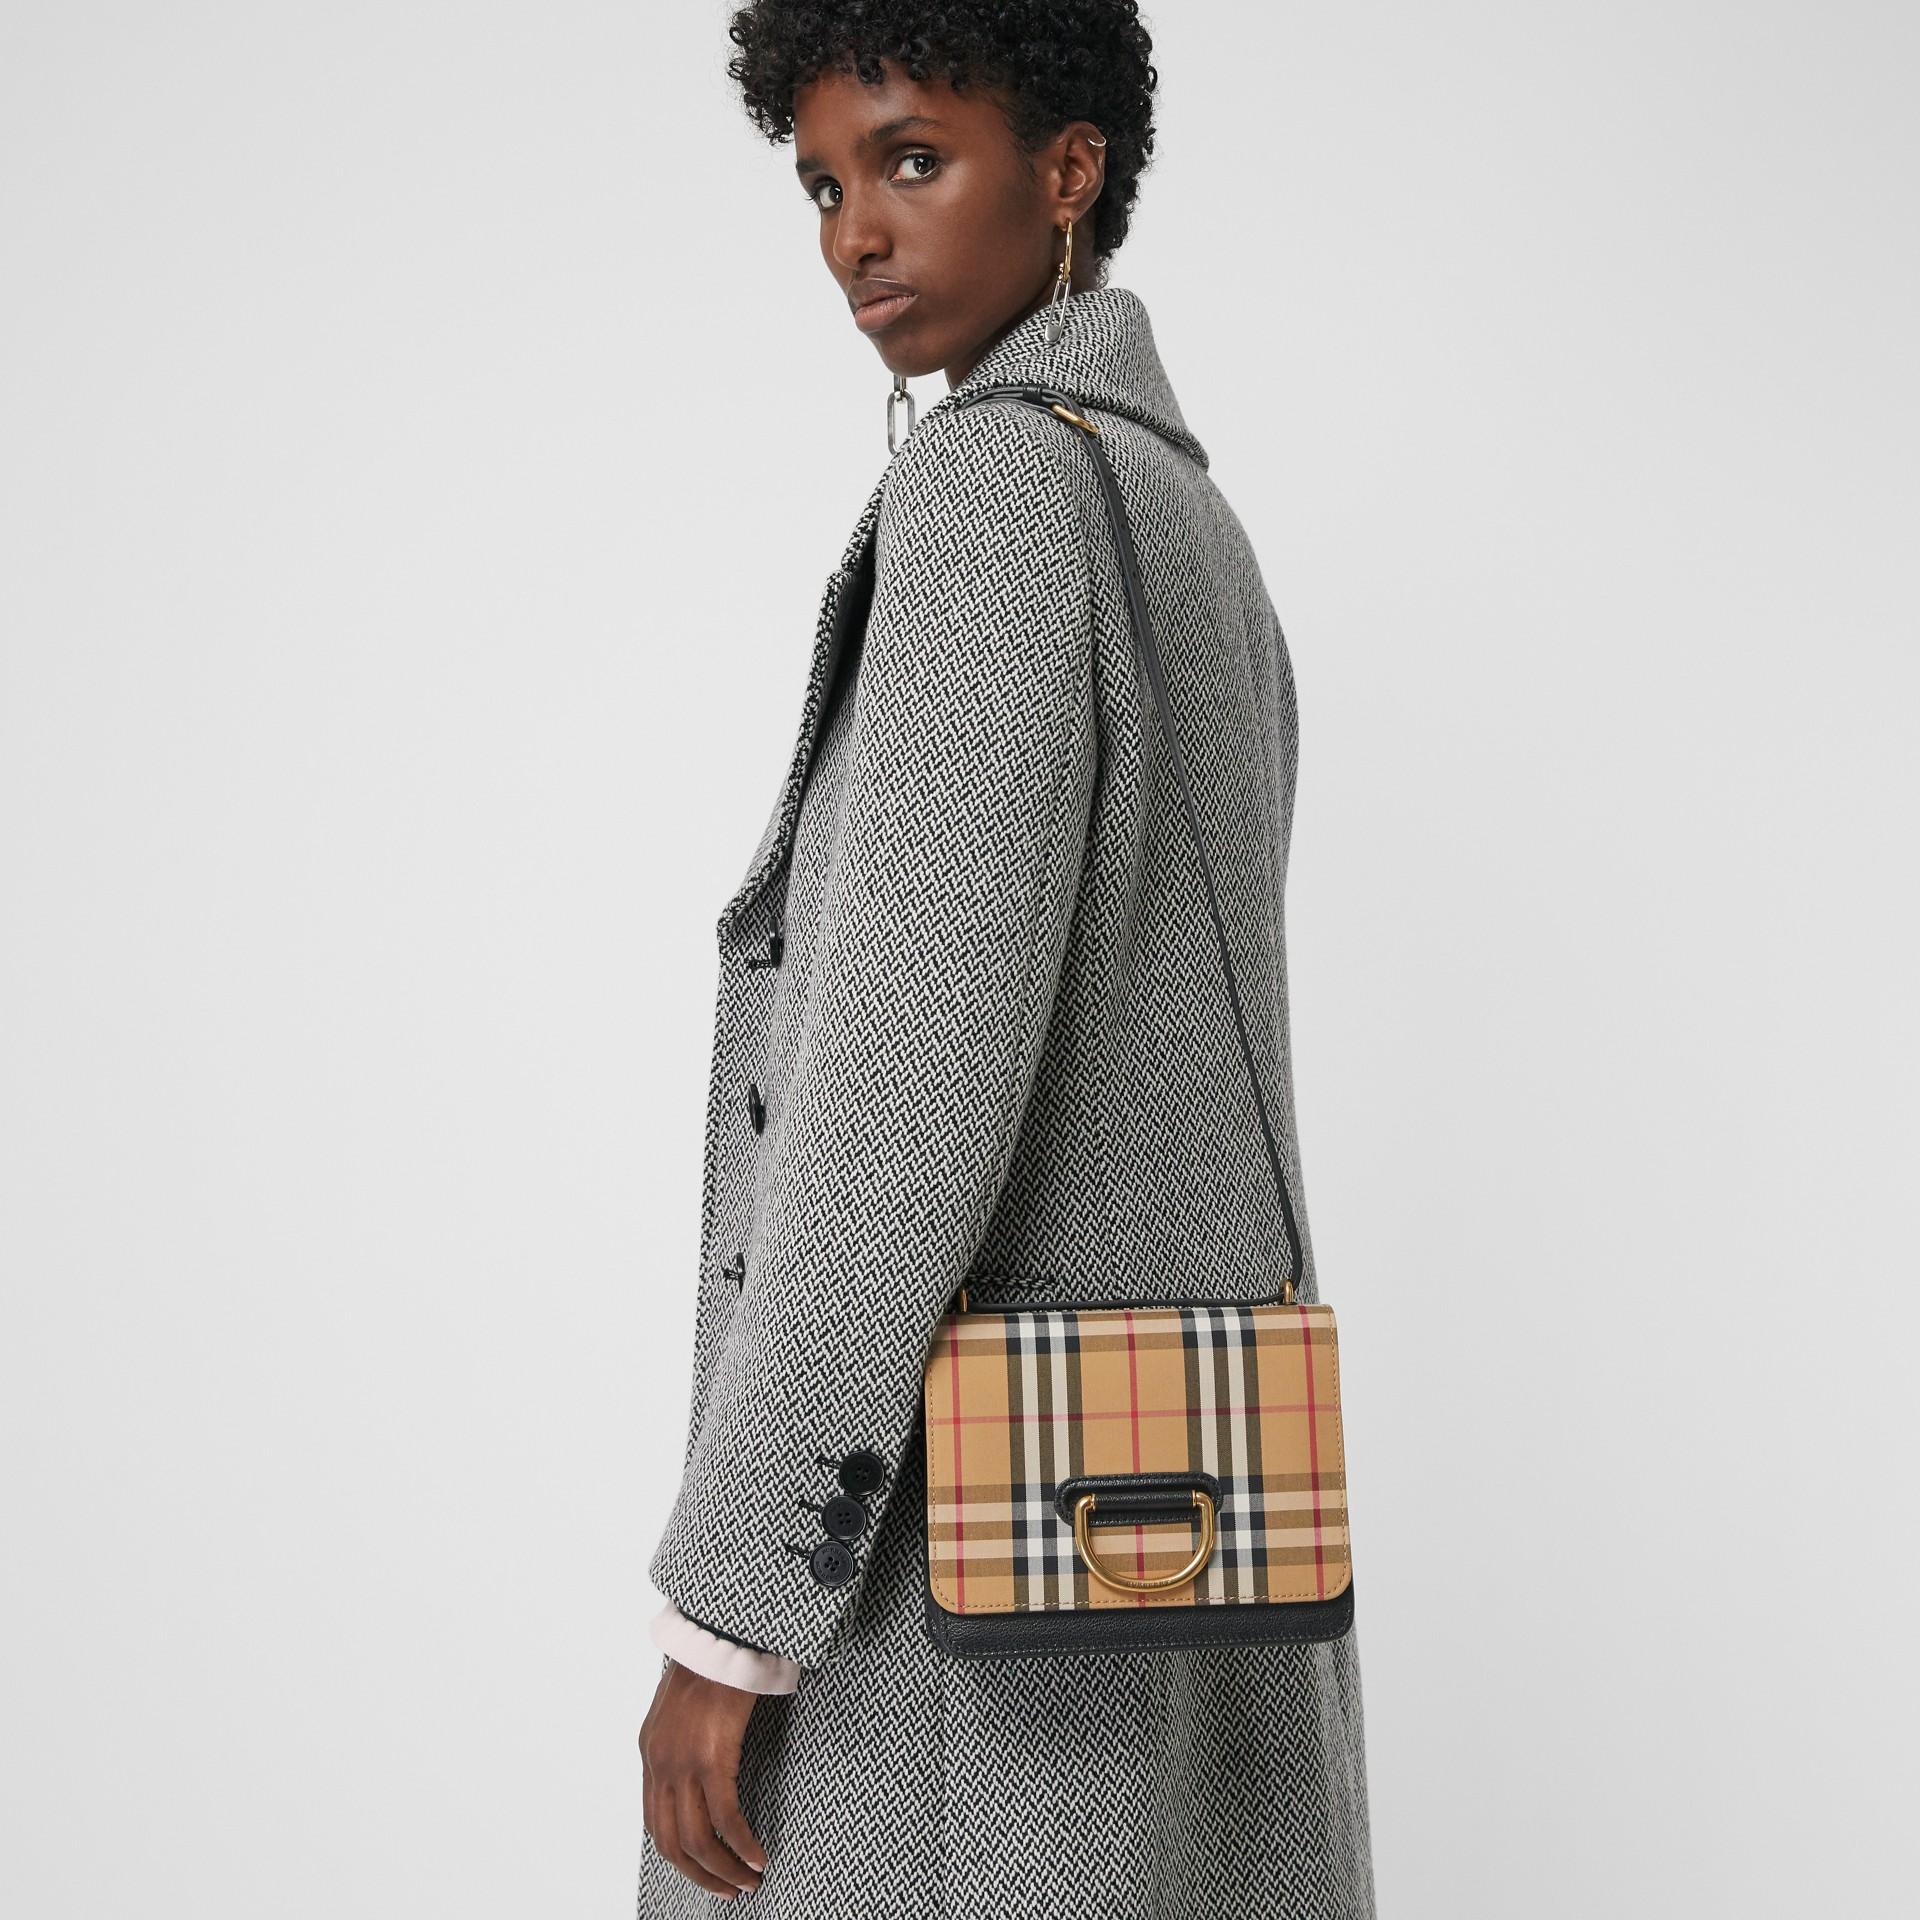 Bolso D-ring pequeño en algodón a cuadros Vintage Checks y piel (Negro / Amarillo Envejecido) - Mujer   Burberry - imagen de la galería 6